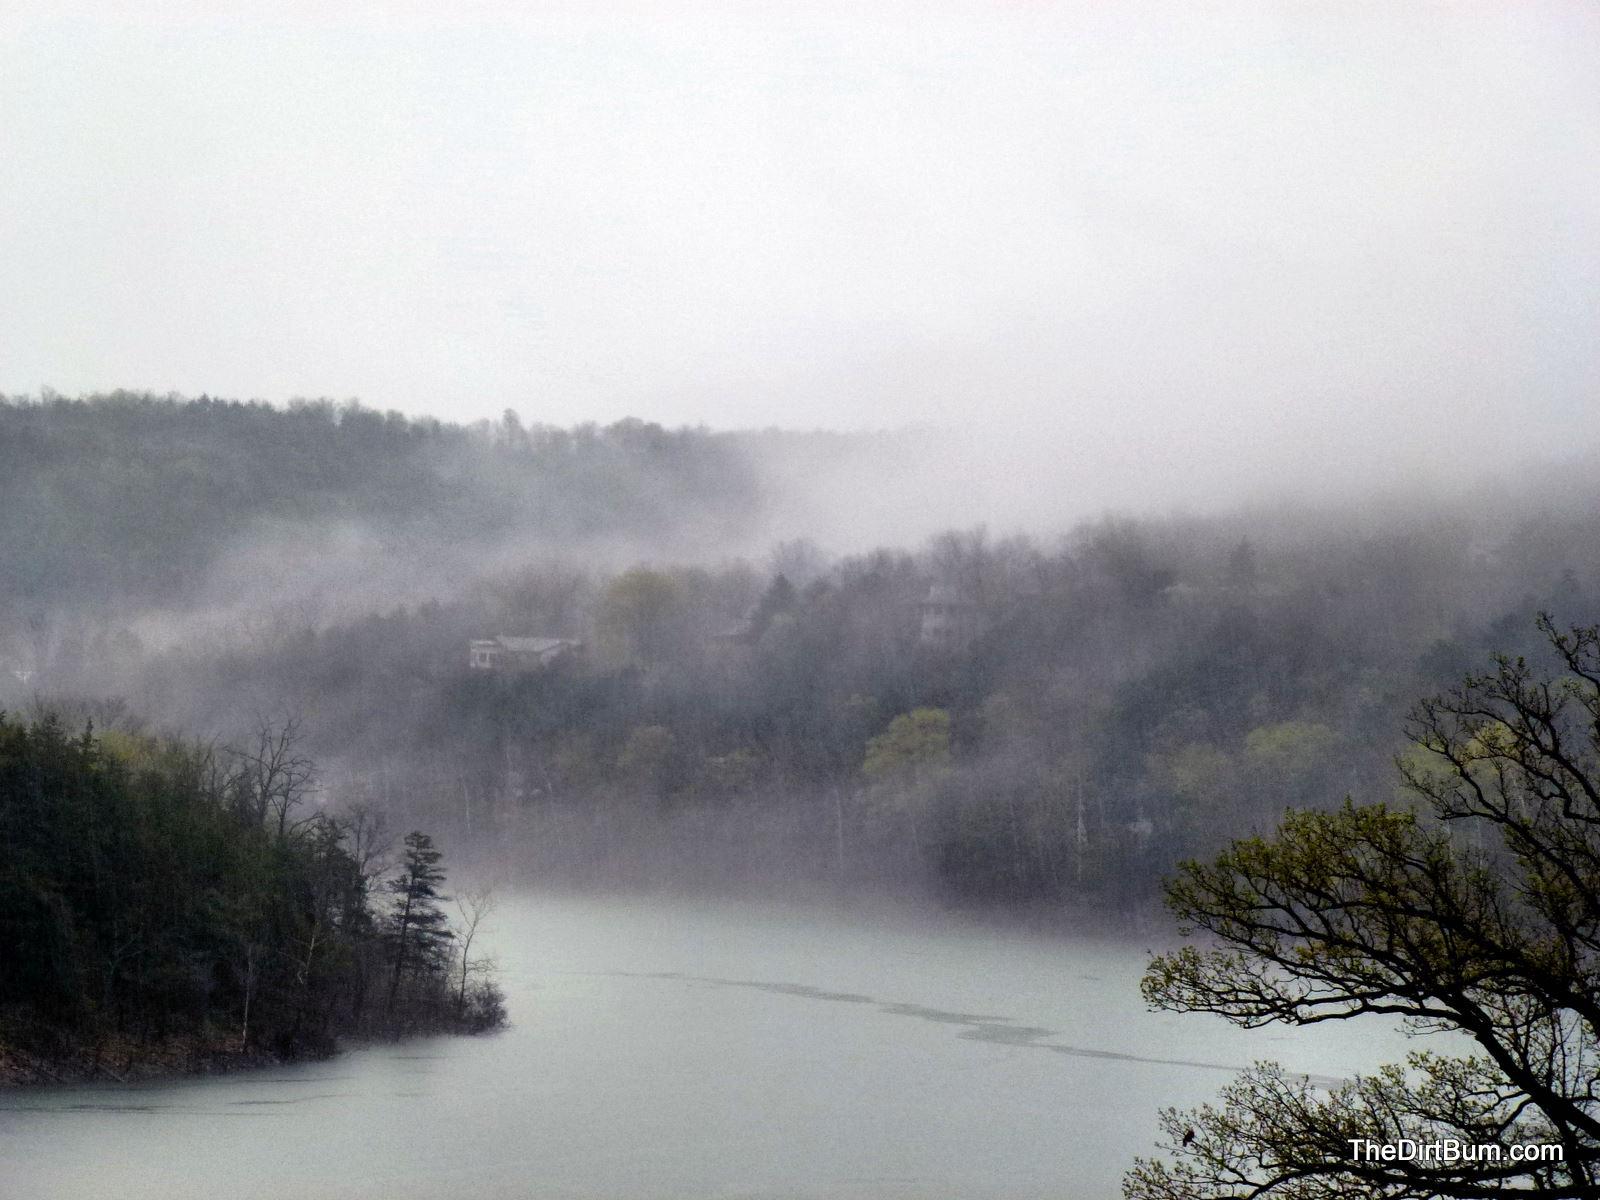 Πρόγνωση Θεσσαλίας και Σποράδων 3-6/12/20 Μουντός καιρός με τοπικές βροχές (+χάρτης βροχής)